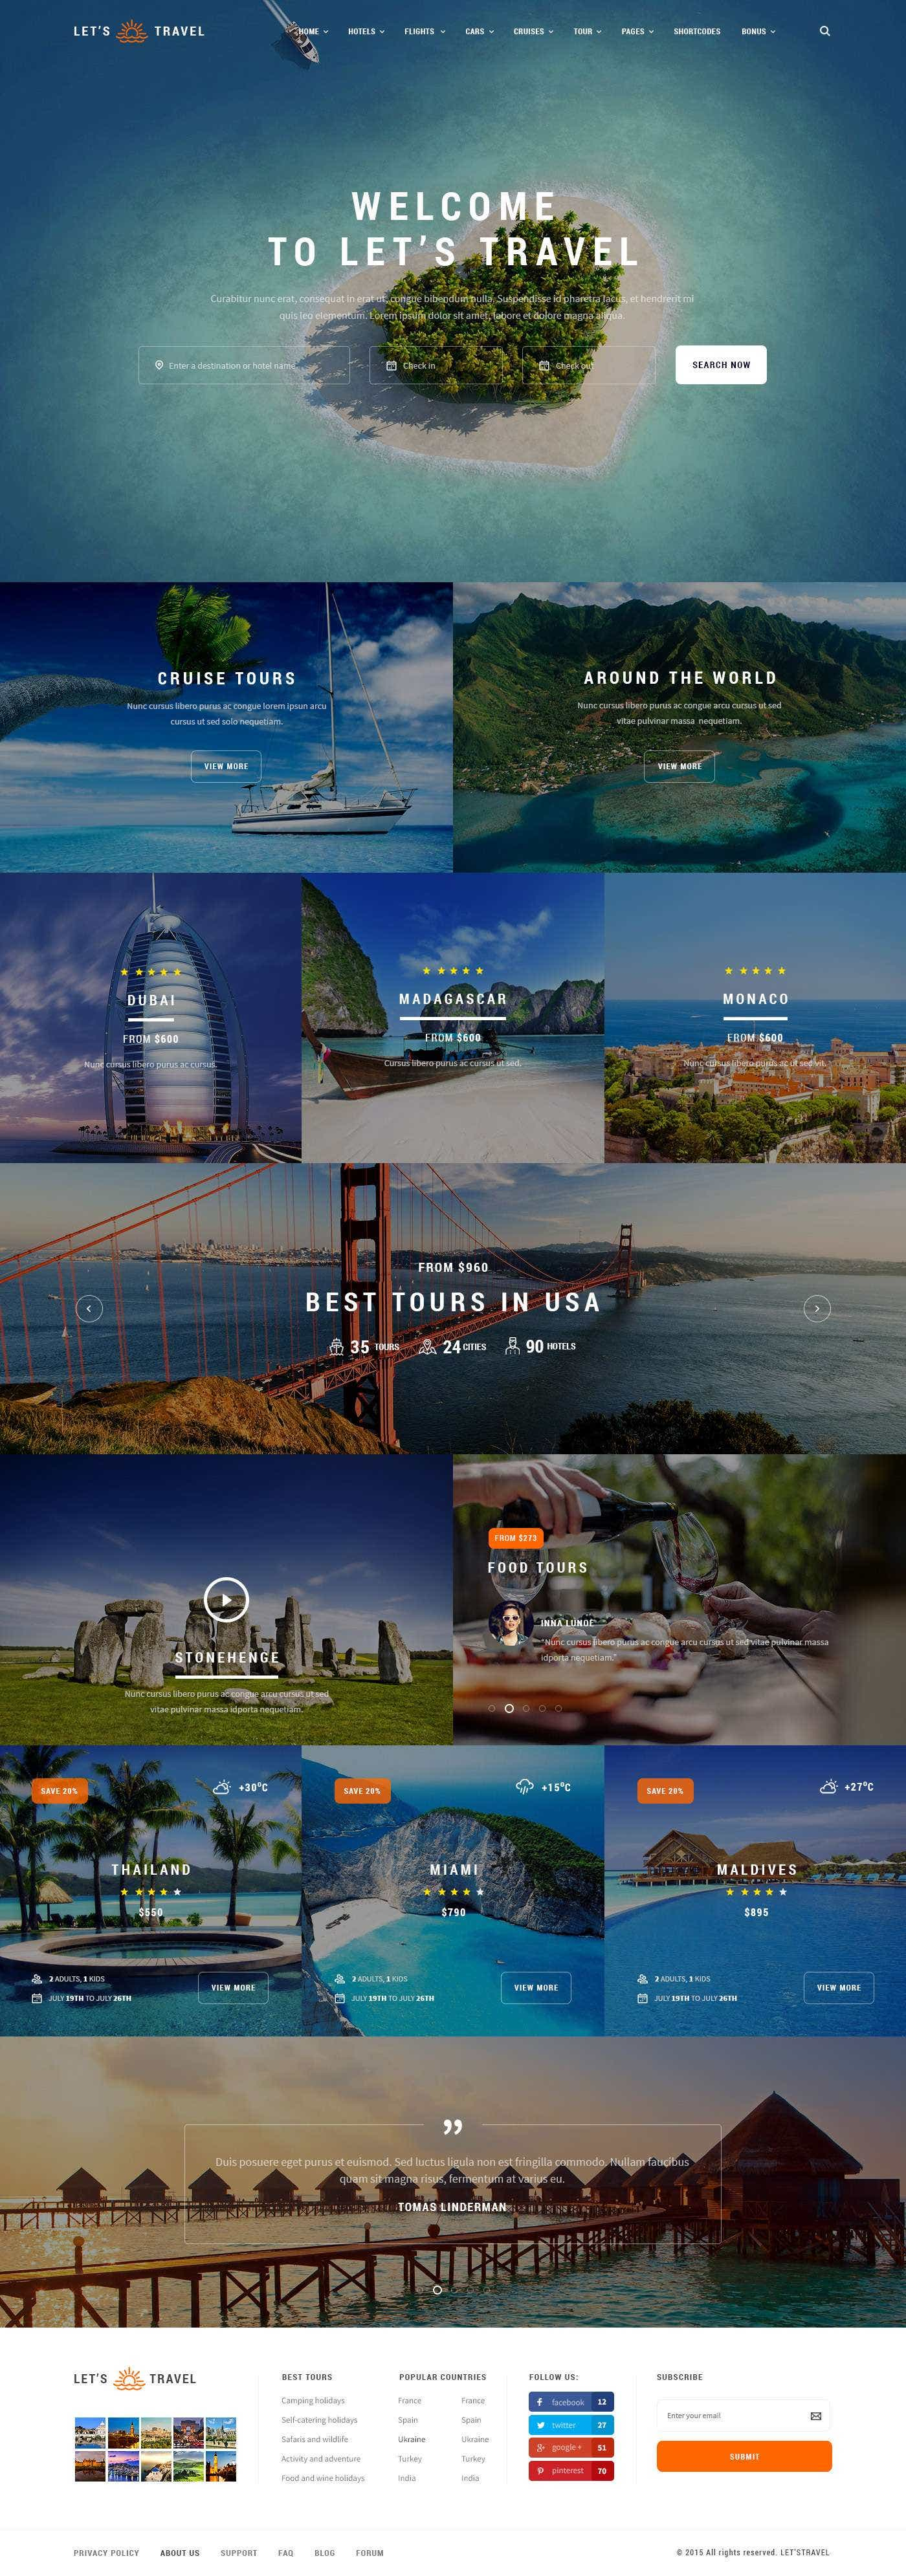 Szablon dla Biura Podróży lub Agencji Turystycznej